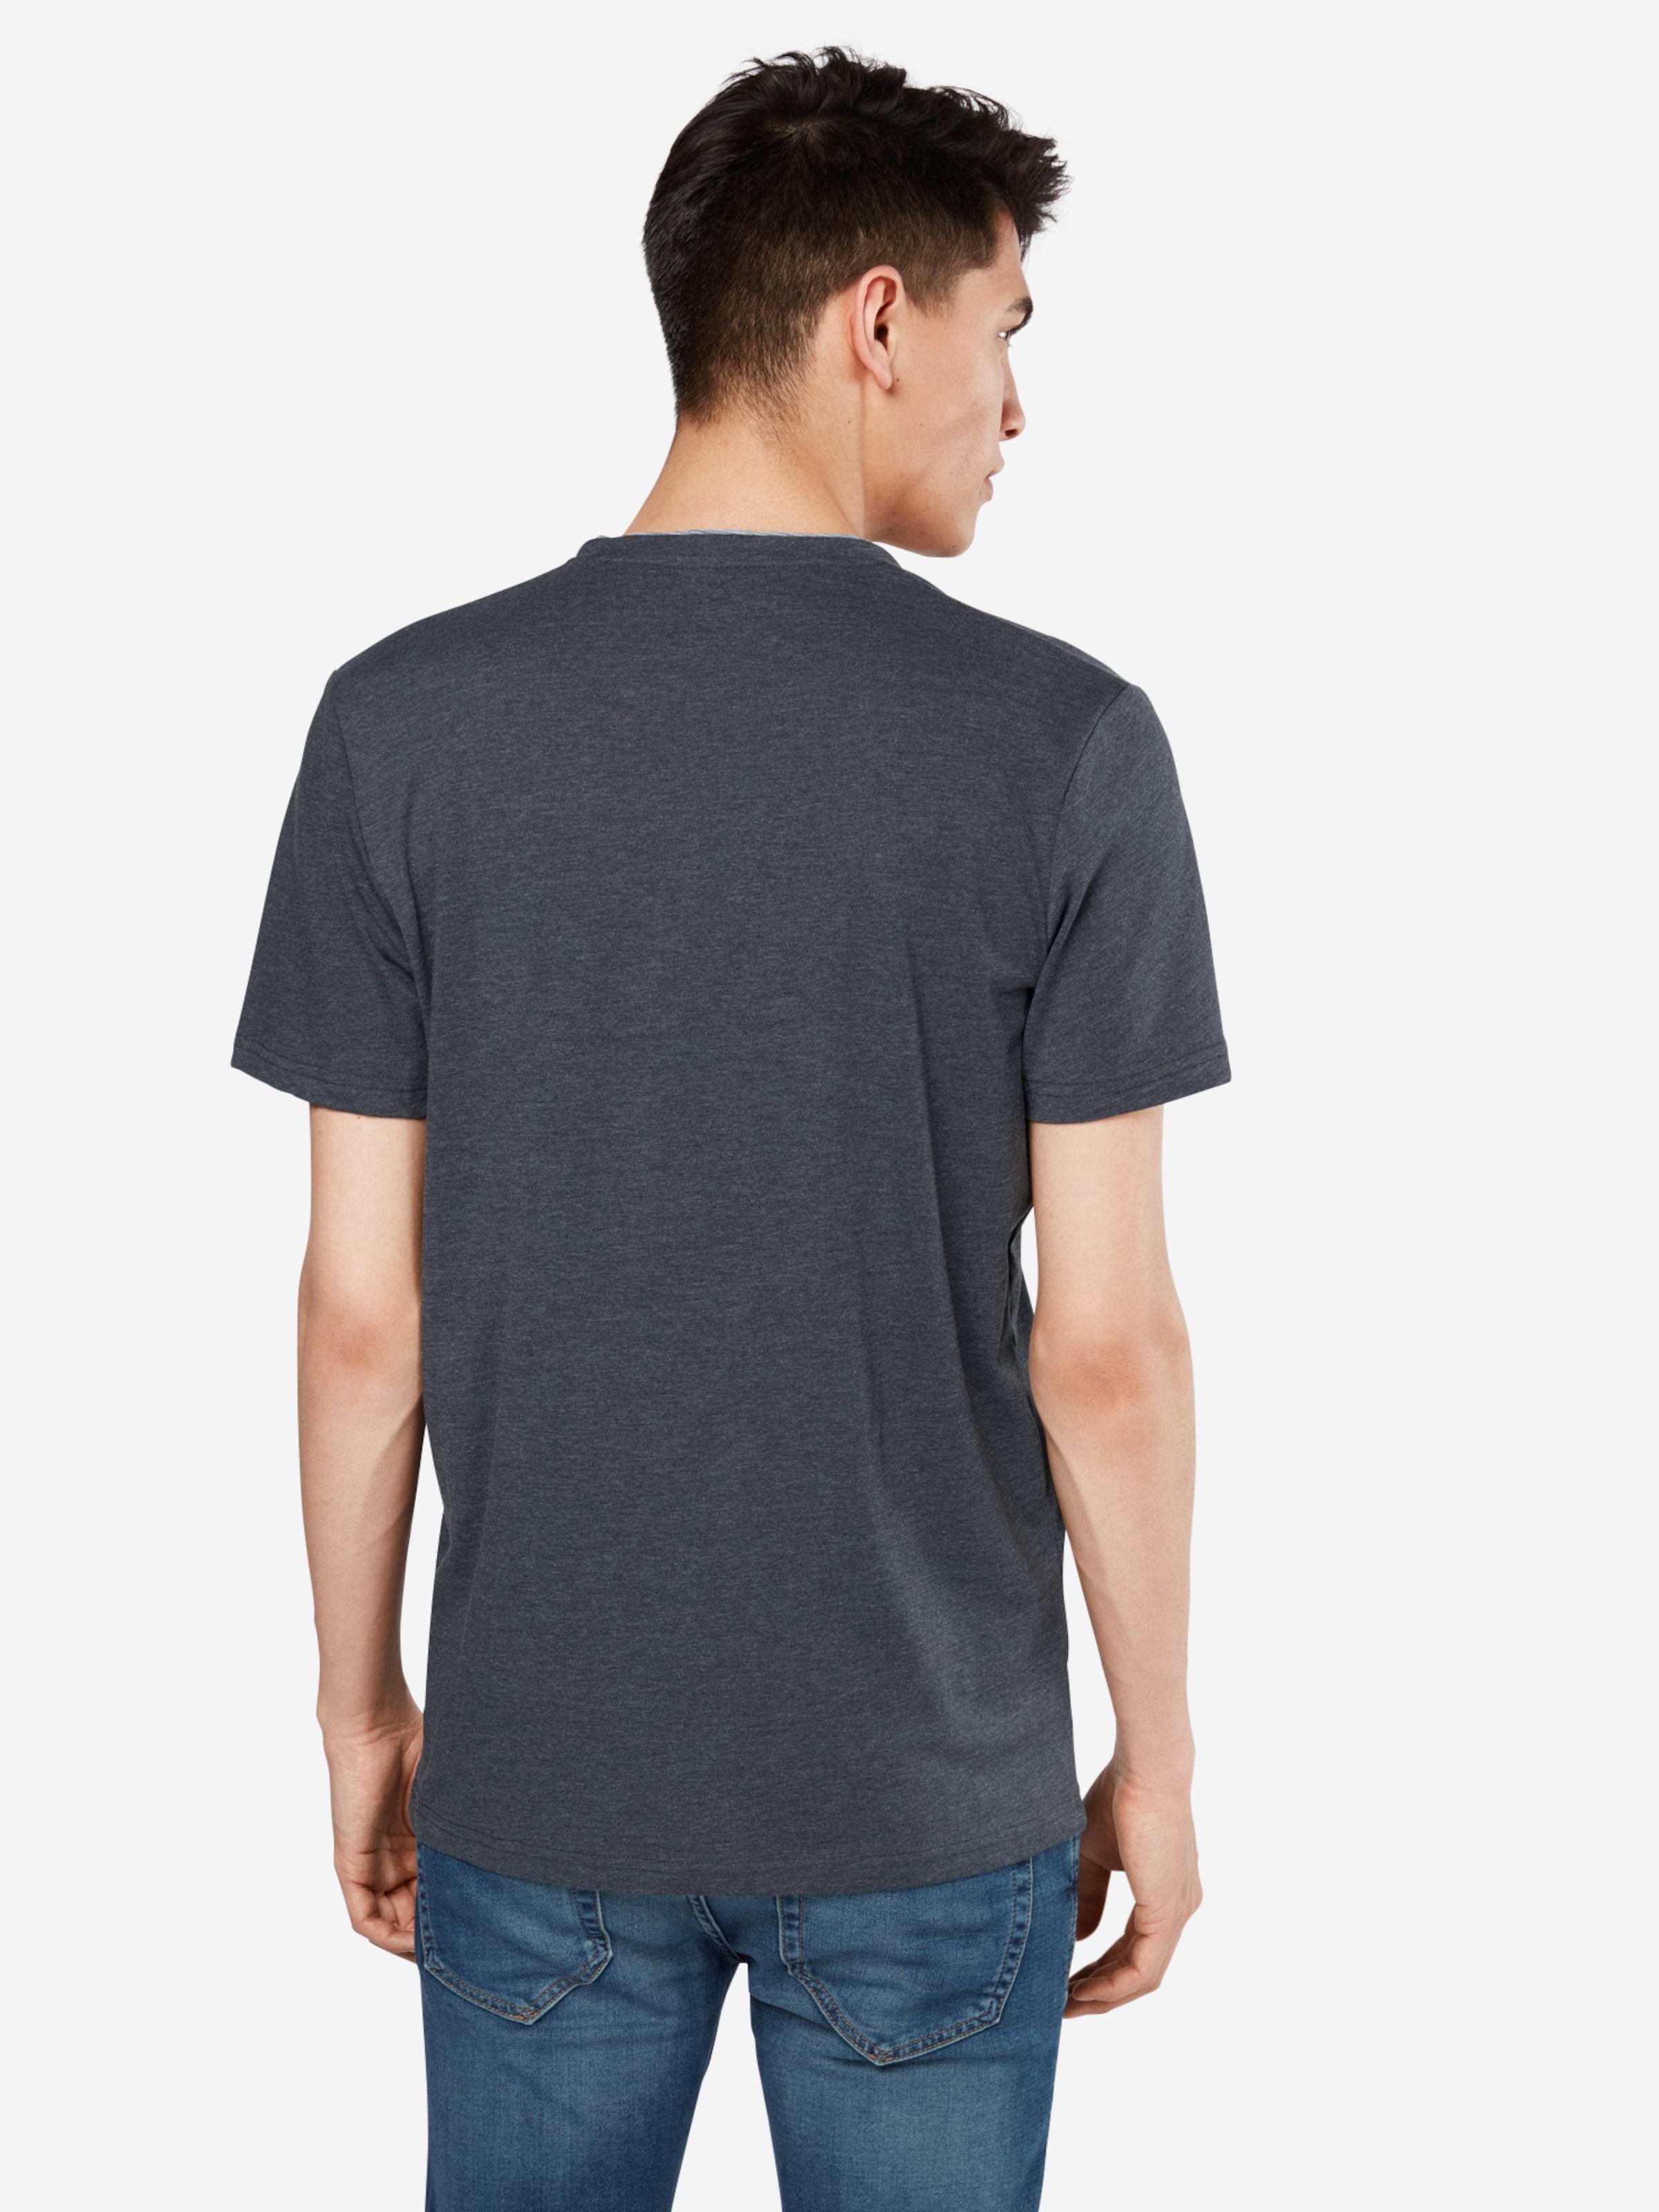 TOM TAILOR T-Shirt 'NOS basic melange henley' Billig Bester Großhandel nZoodlE